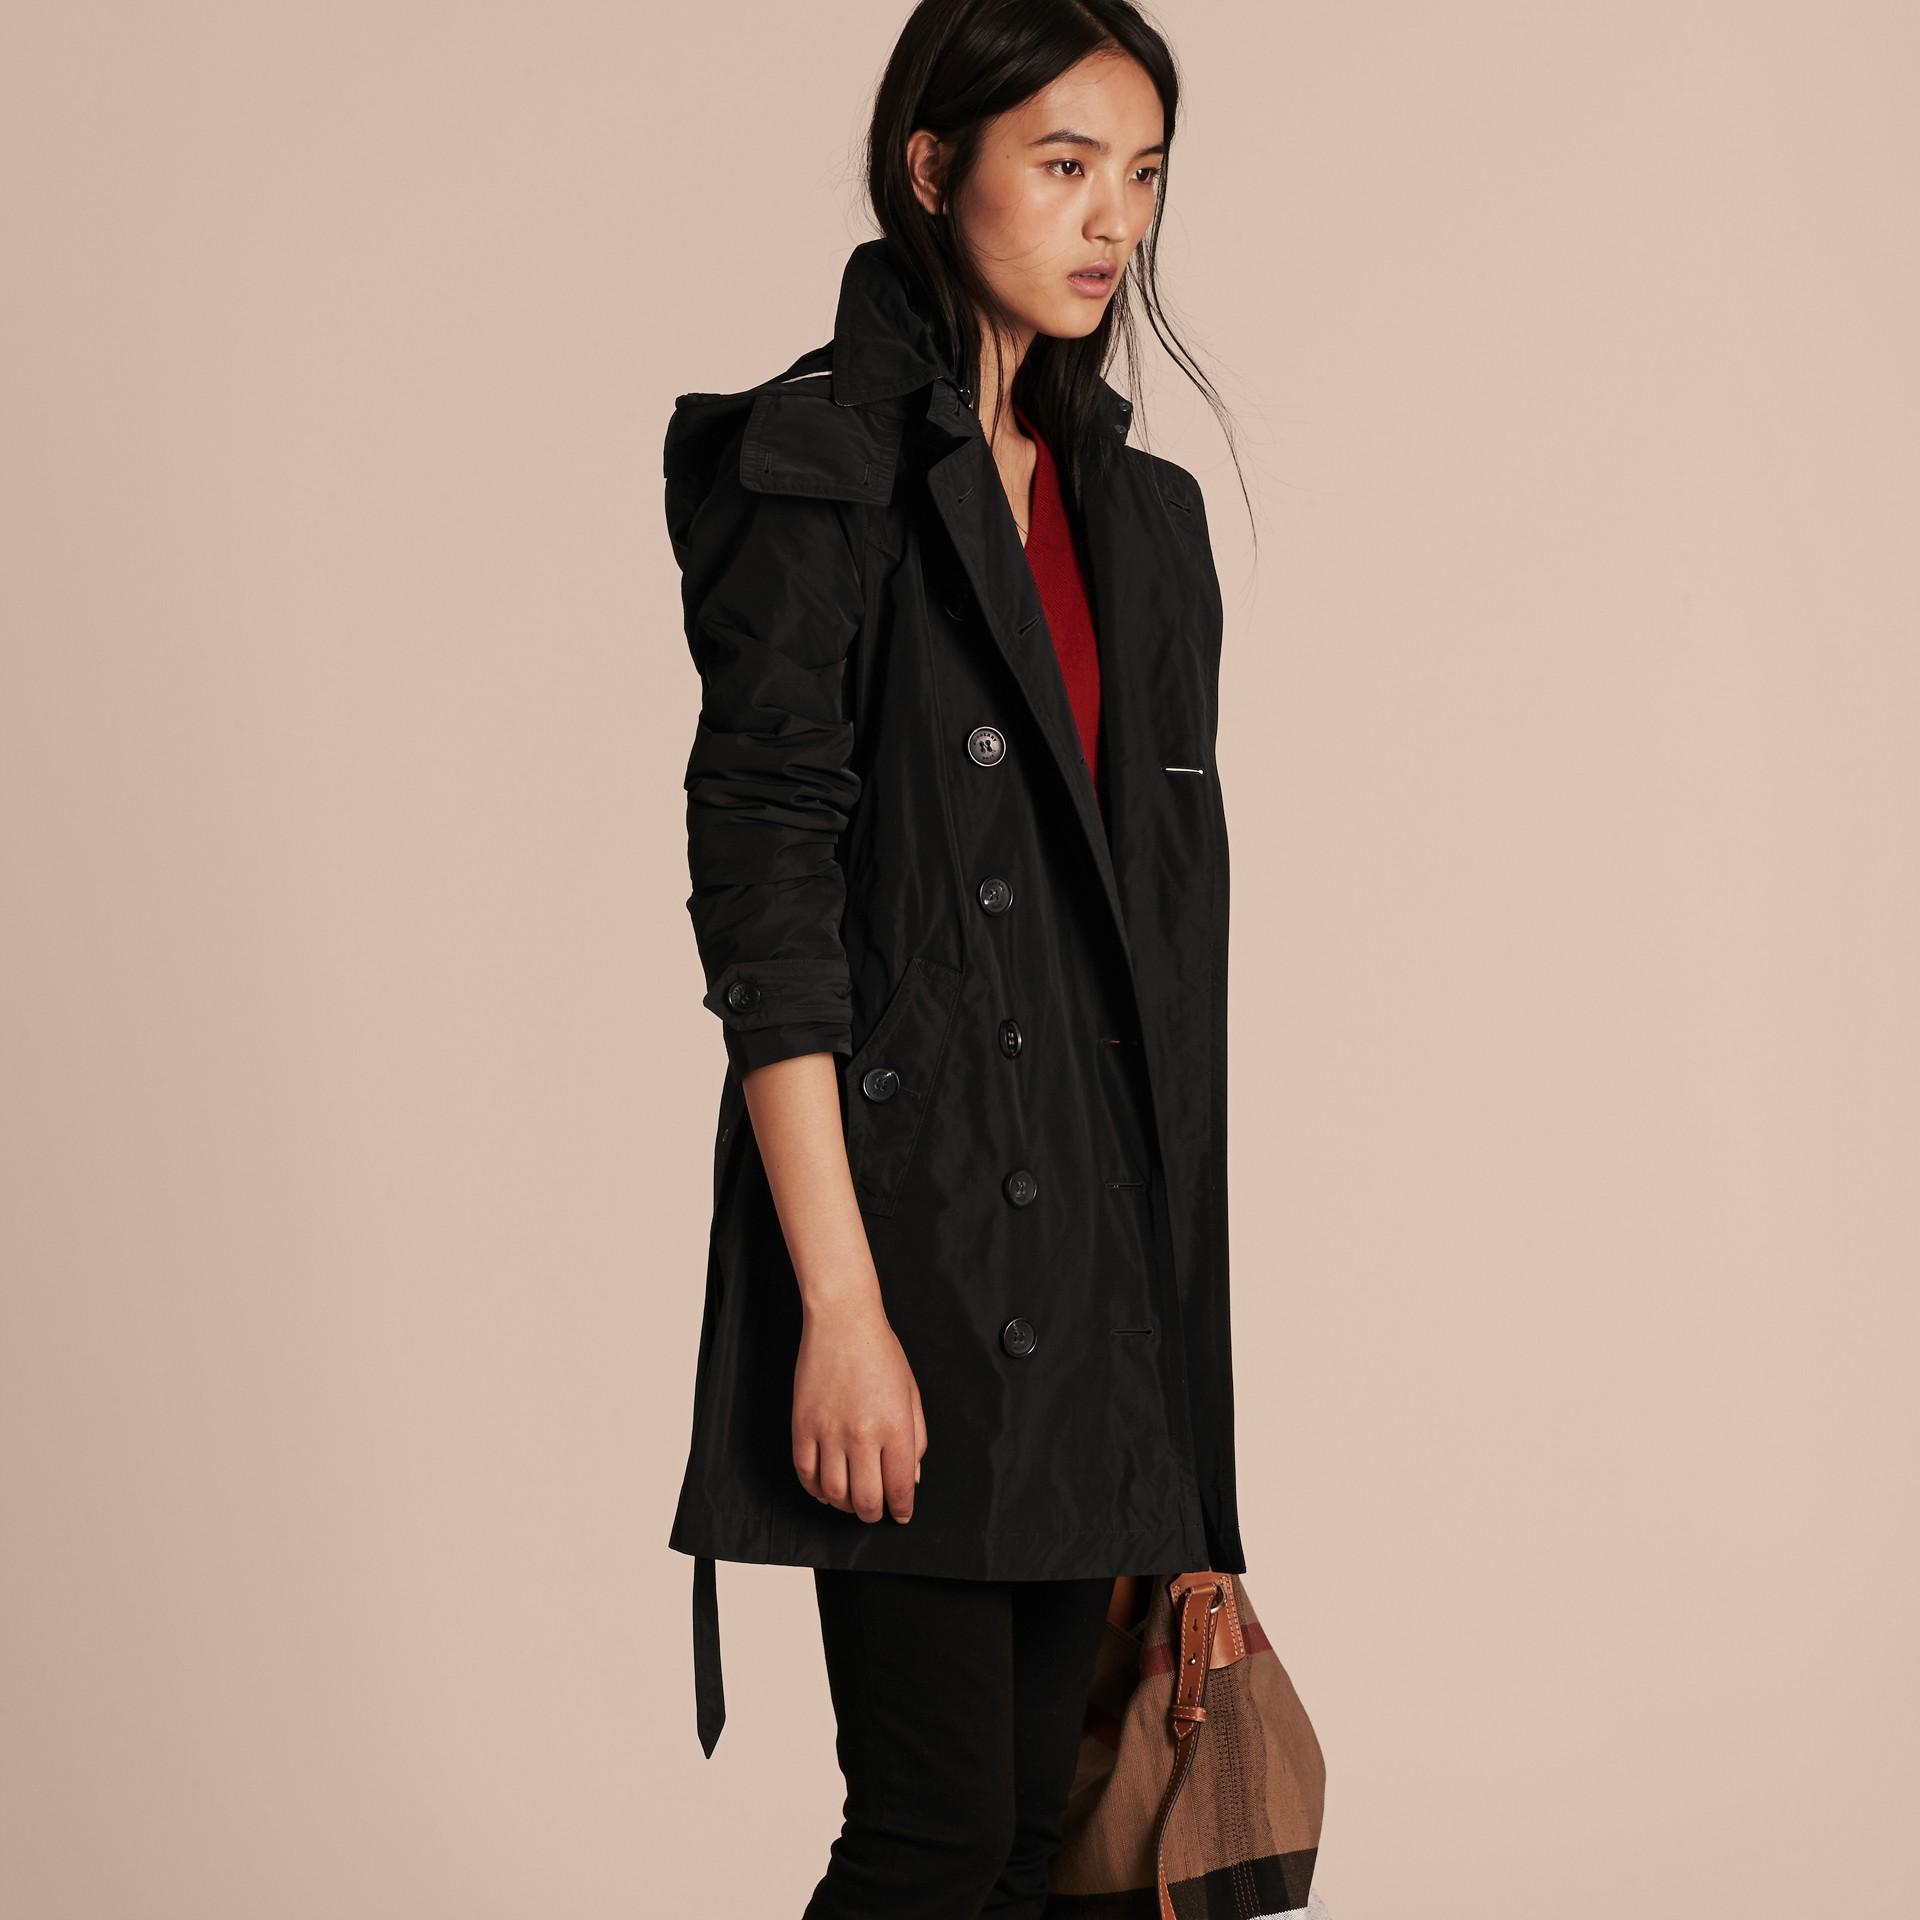 Noir Trench-coat en taffetas à capuche amovible Noir - photo de la galerie 6